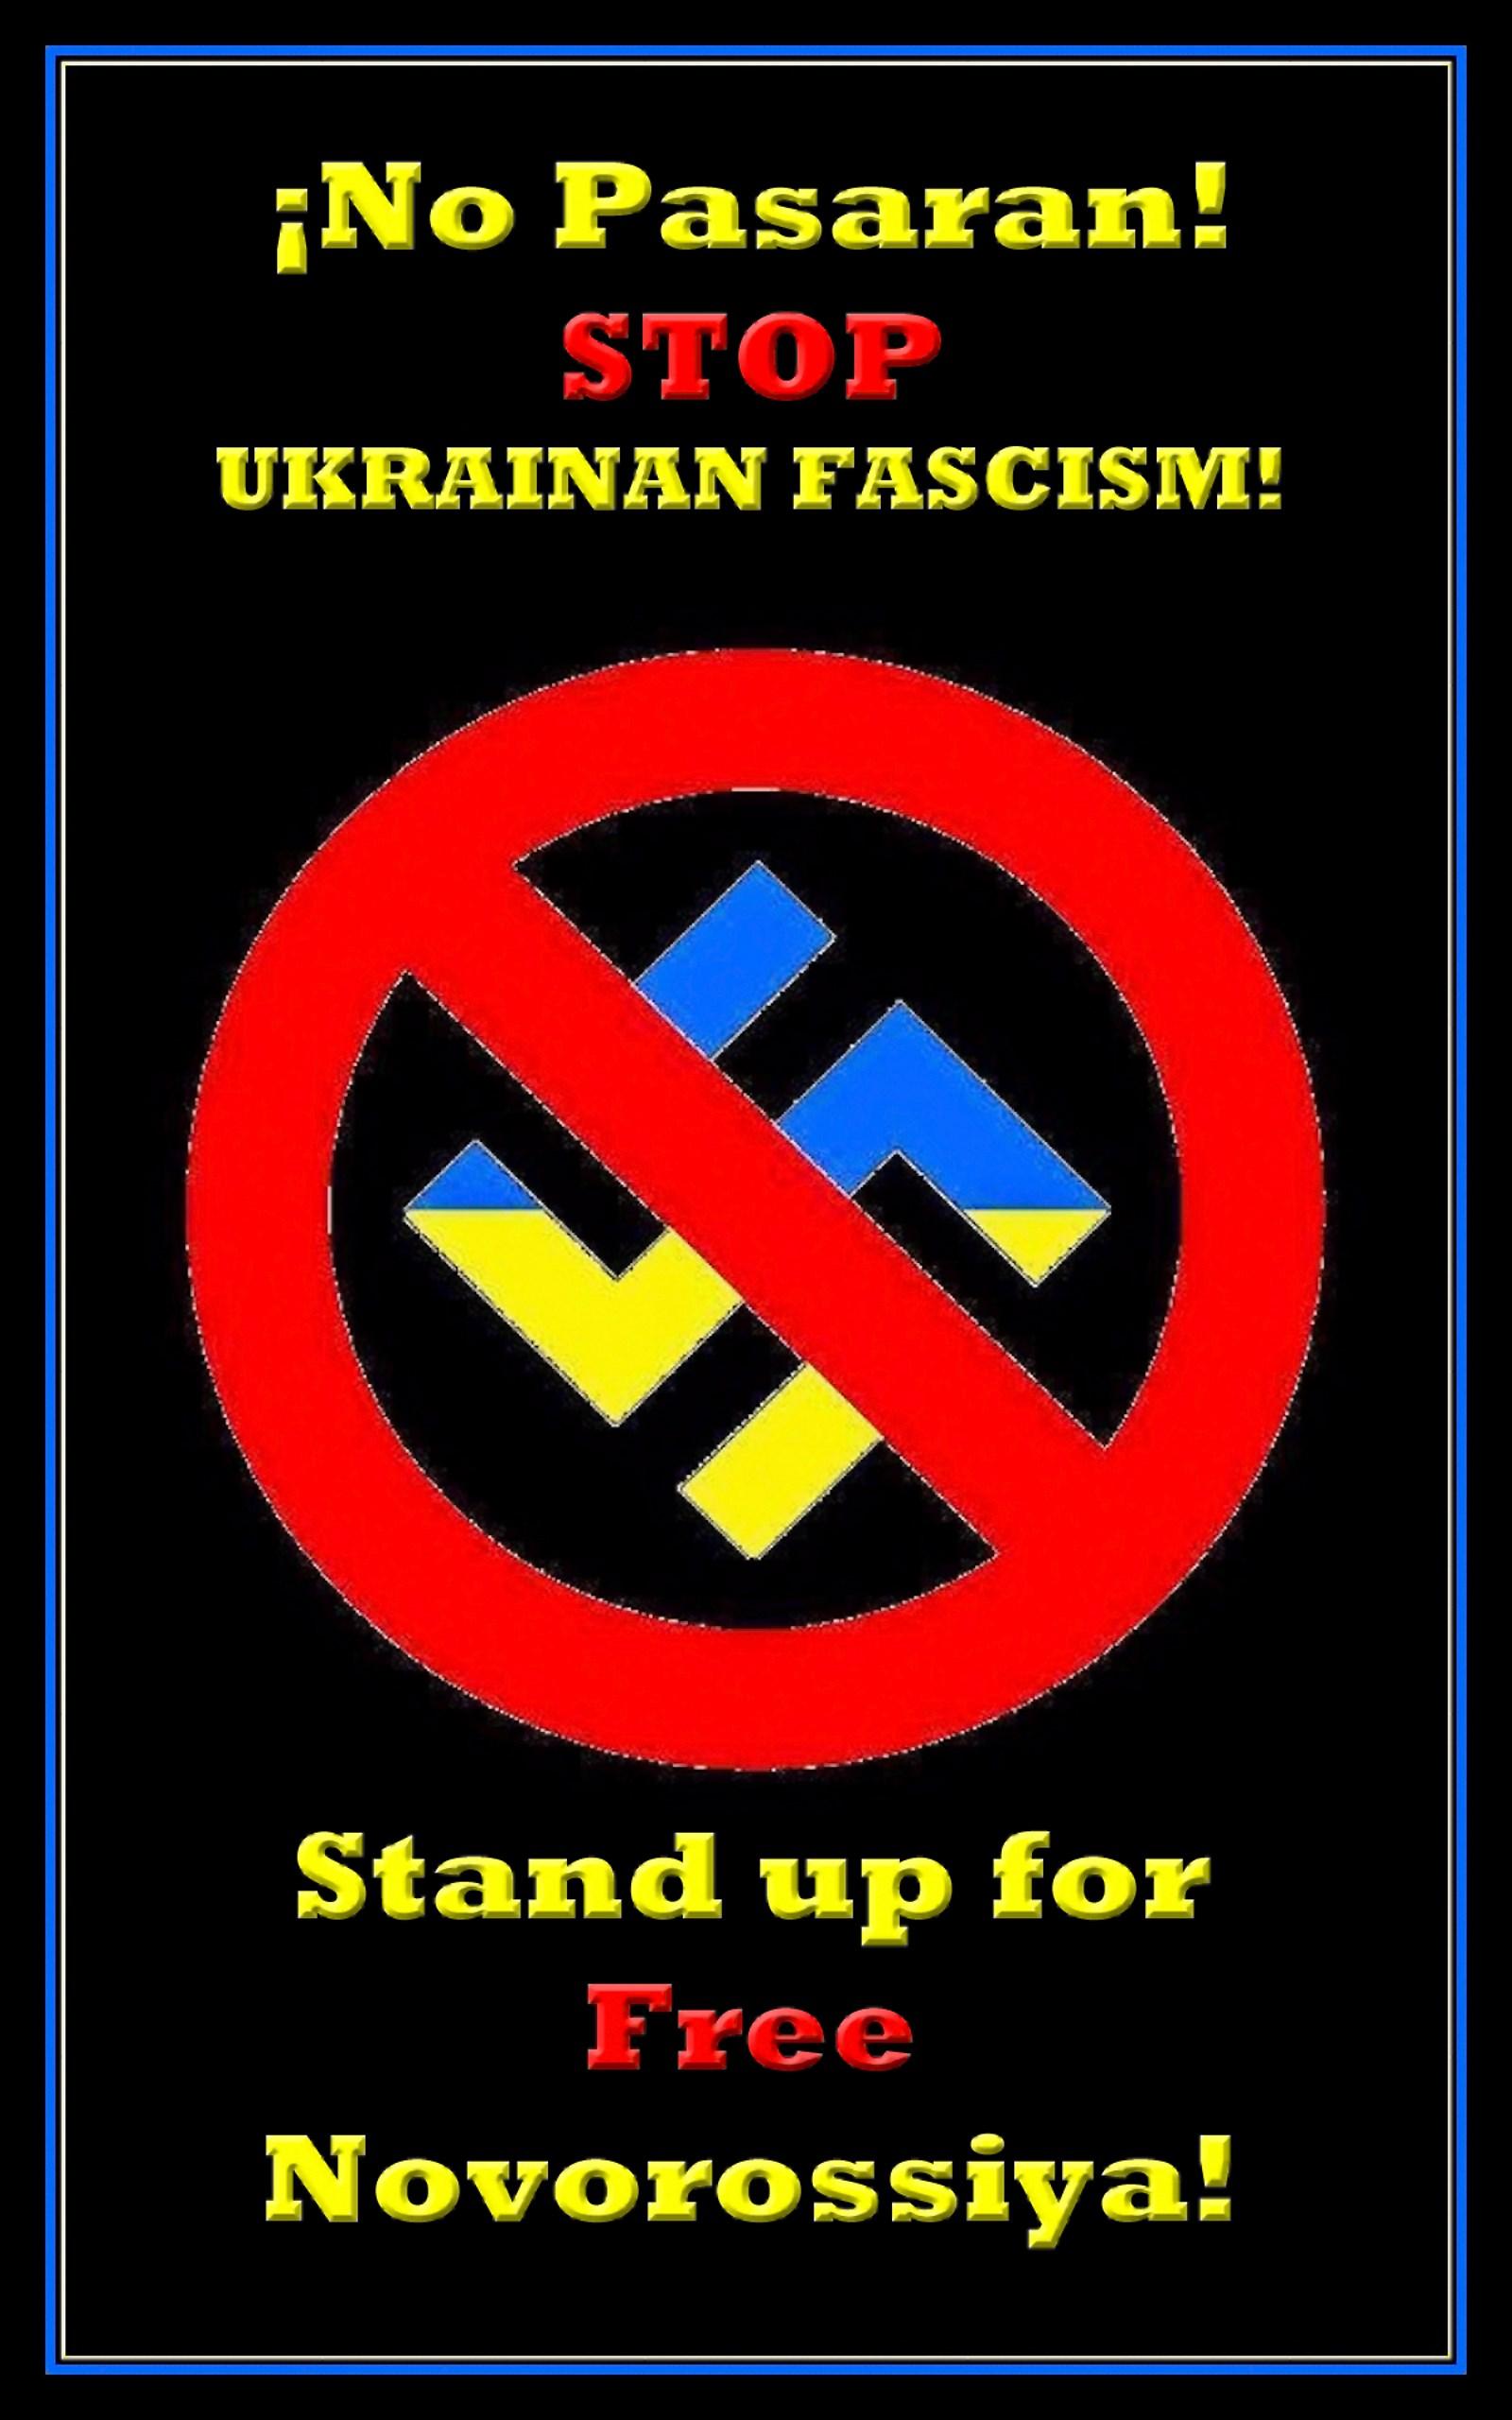 00 No Pasaran. STOP UKRAINIAN FASCISM